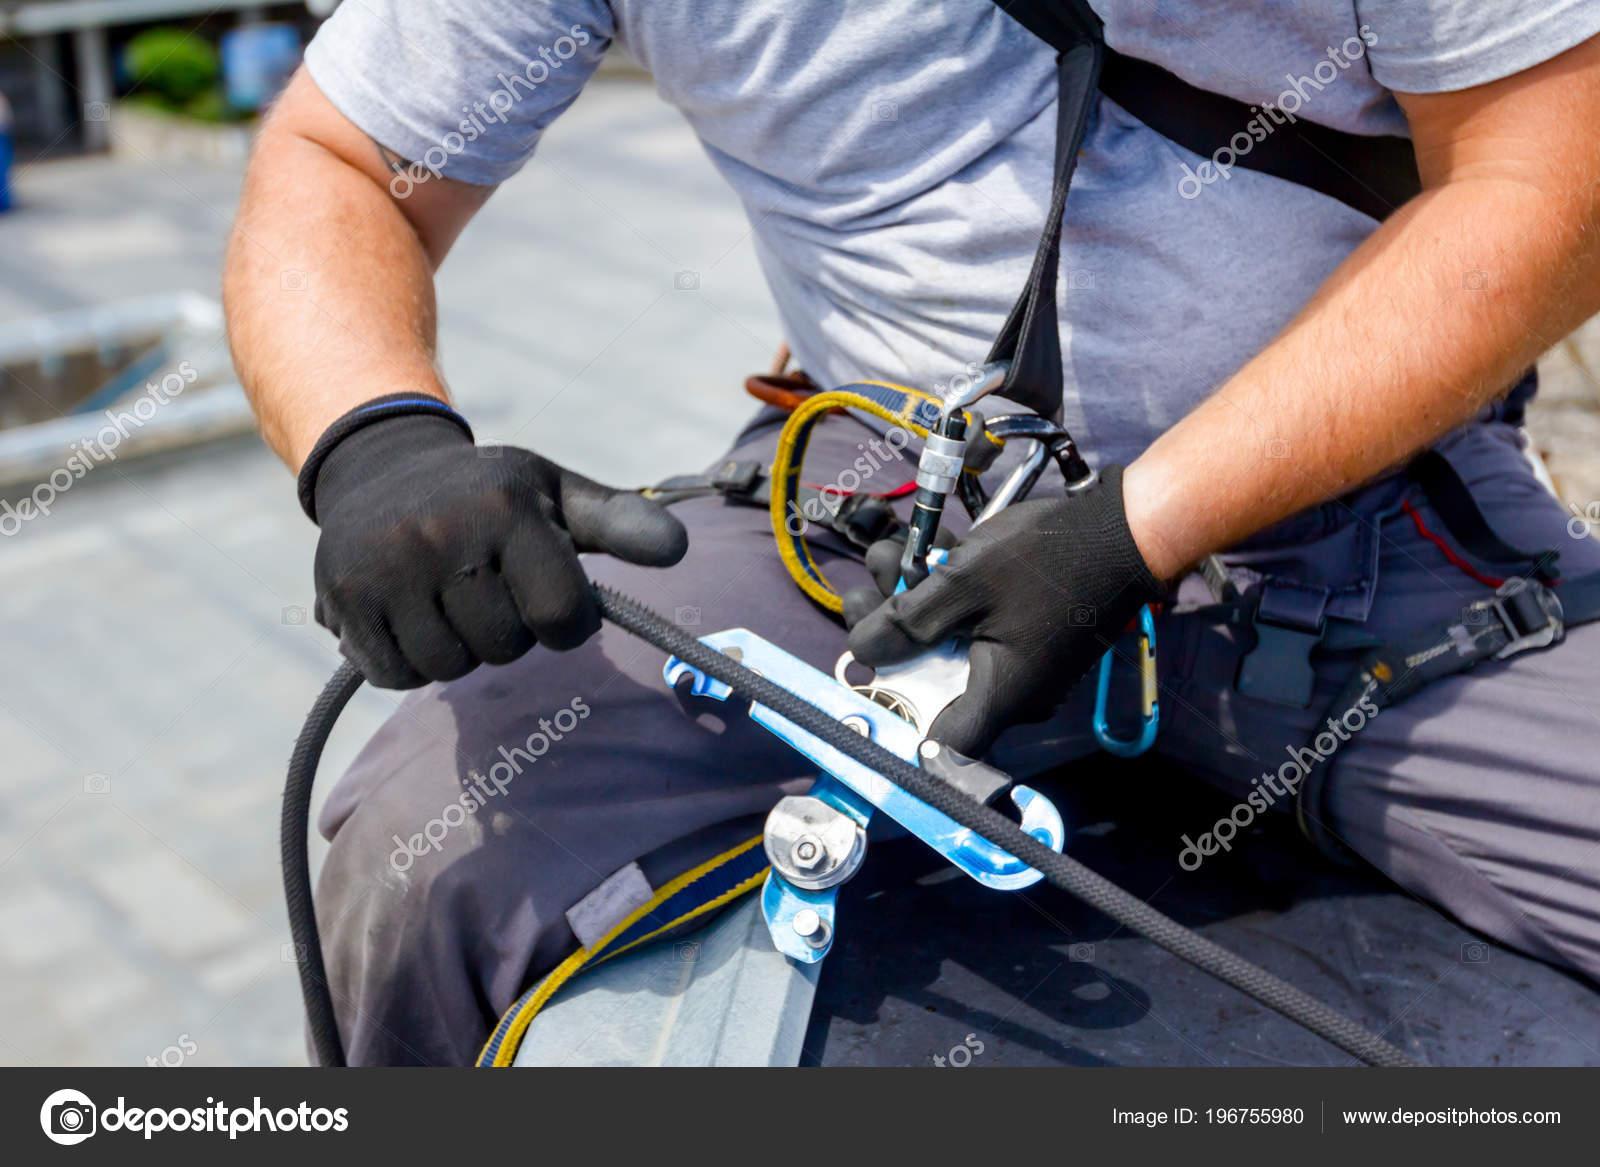 Kletterausrüstung Industrie : Industriekletterer alpinist kletterausrüstung vorbereitung